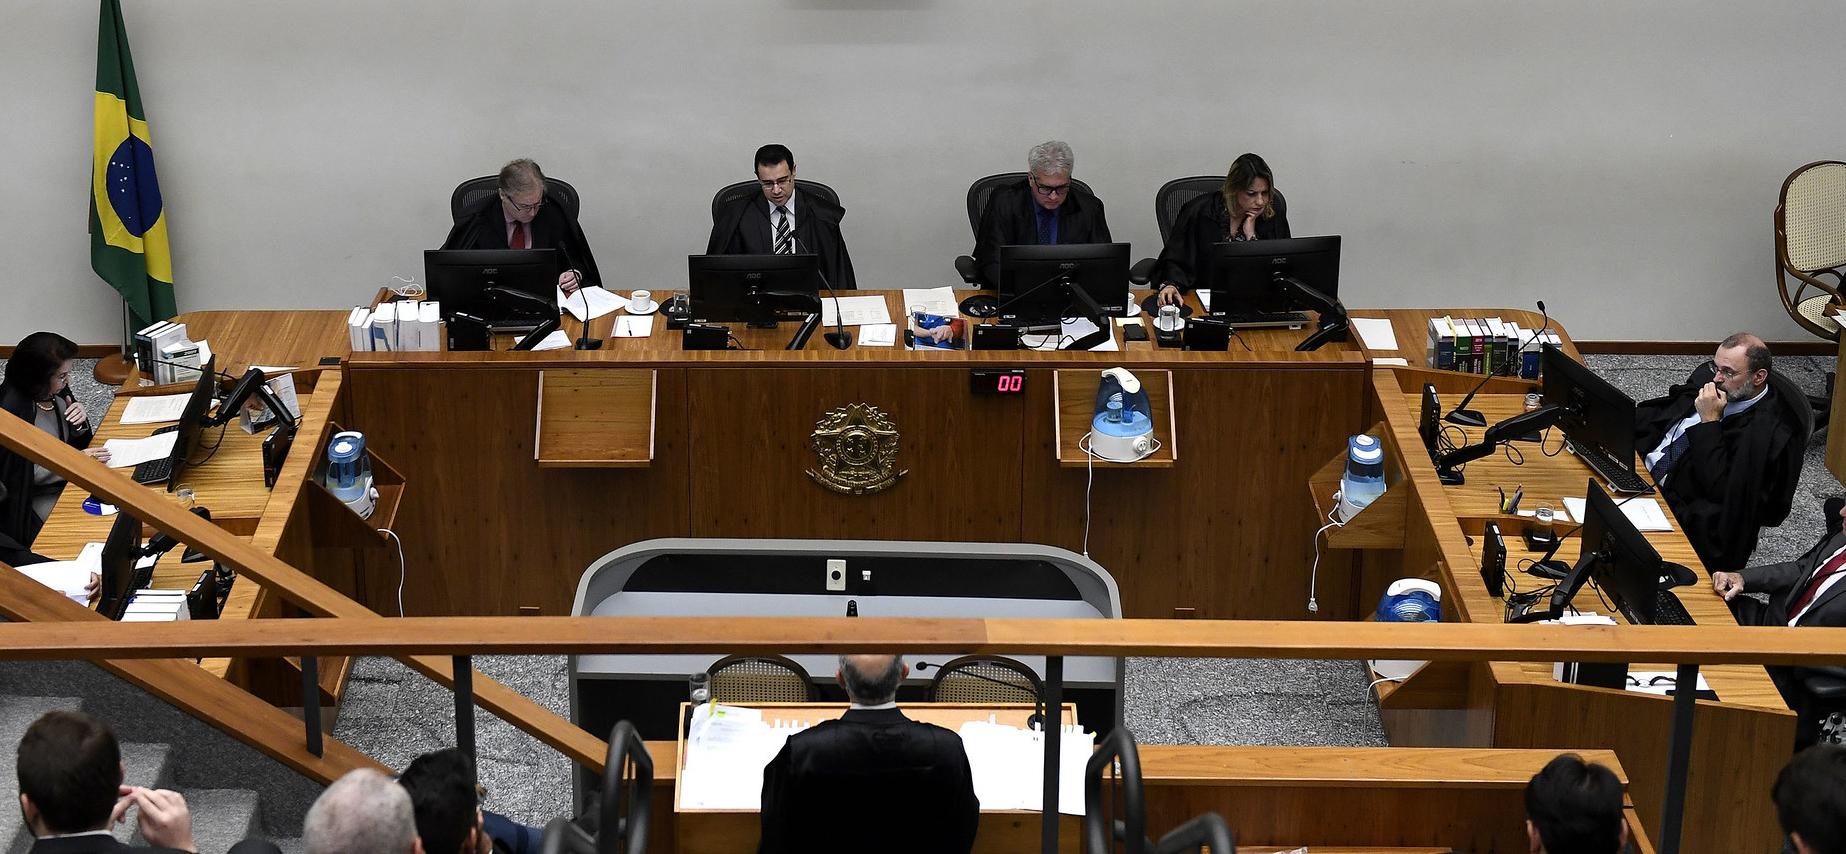 Sessão da 6ª Turma do Superior Tribunal de Justiça